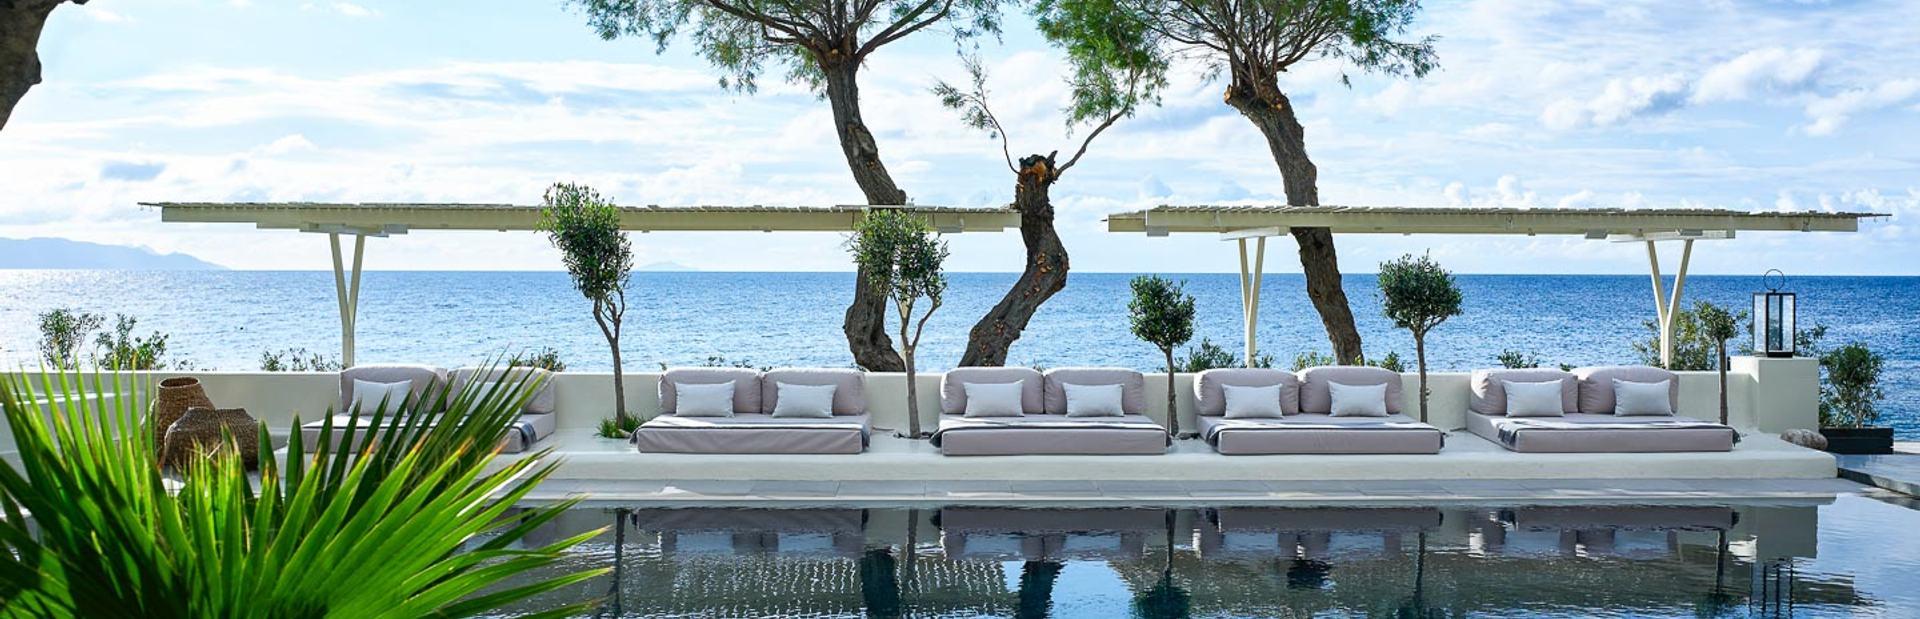 Bellonias Villas Image 1